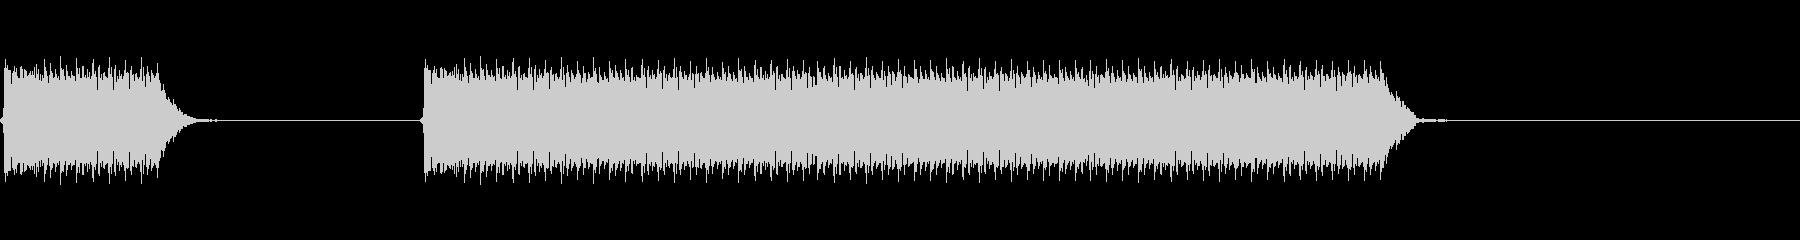 ホイッスル/ピッピーー(遅め)試合終了の未再生の波形